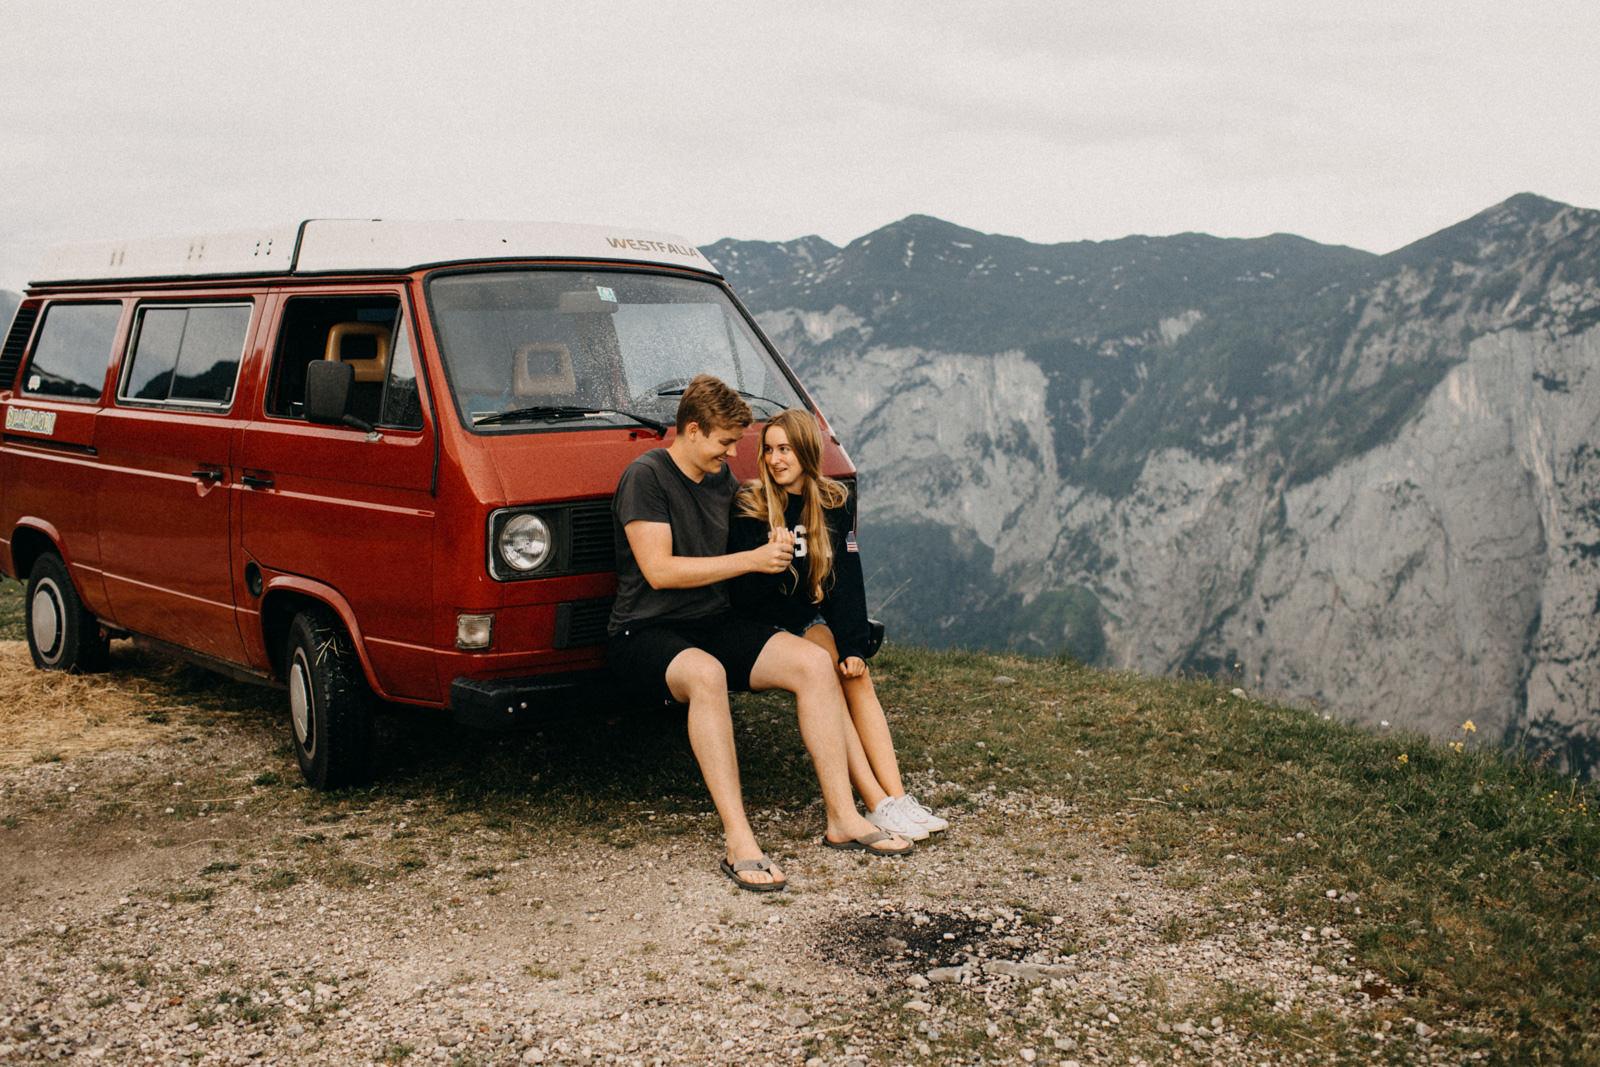 vw bus couple session